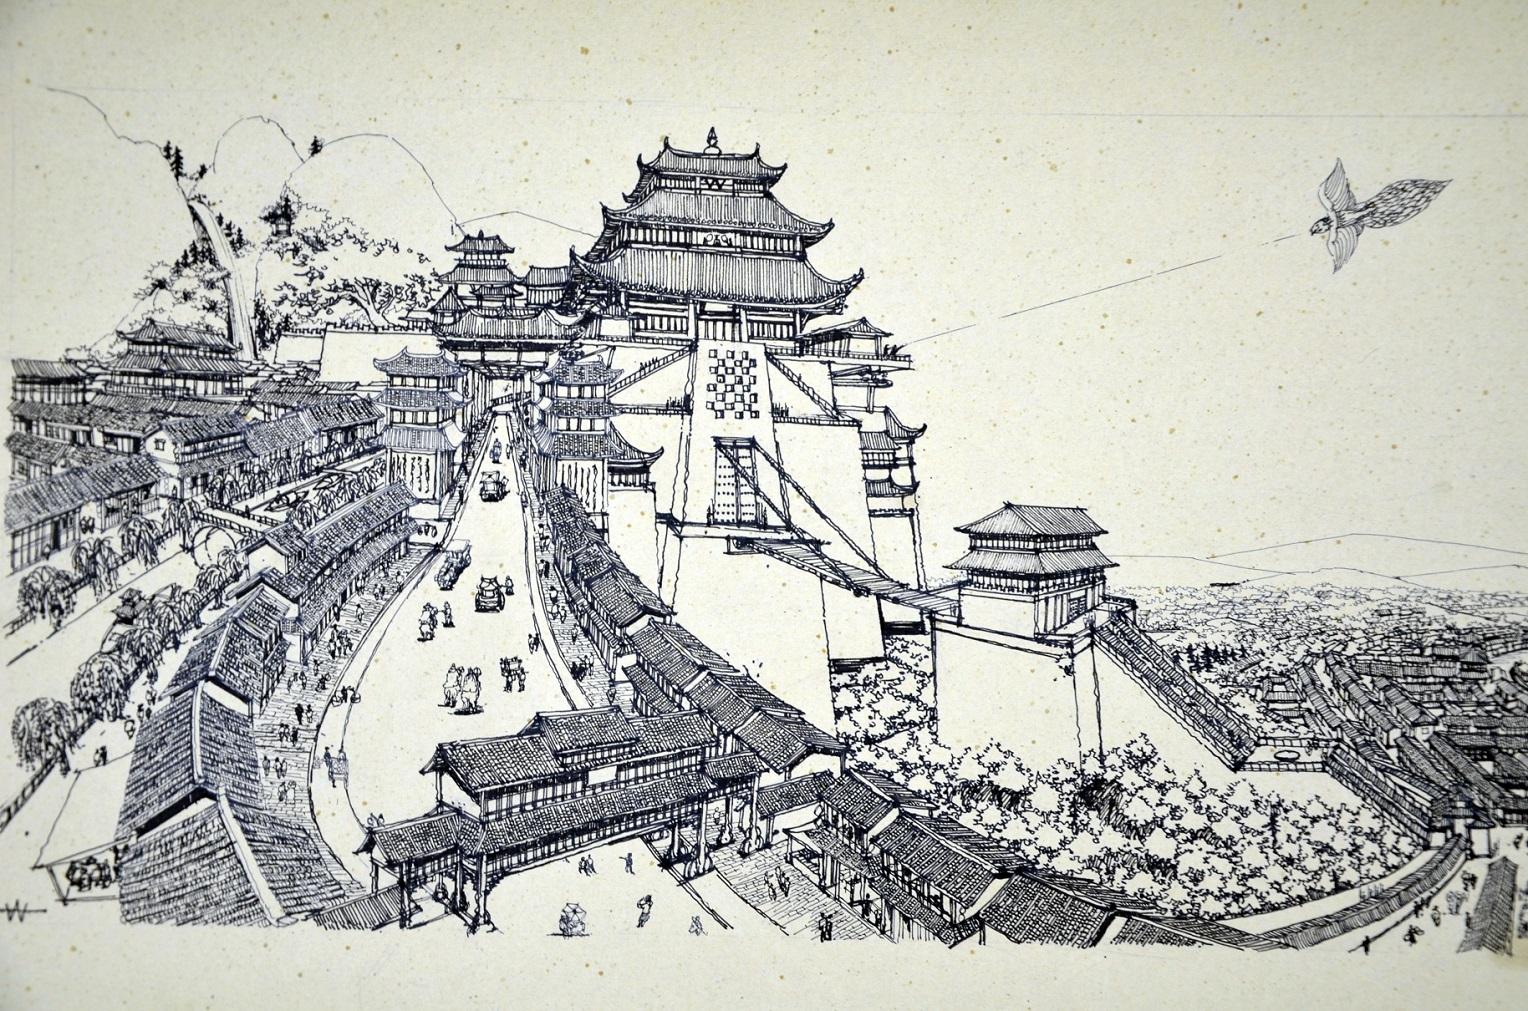 李万海原创手绘古风场景|插画|游戏原画|李万海w手绘